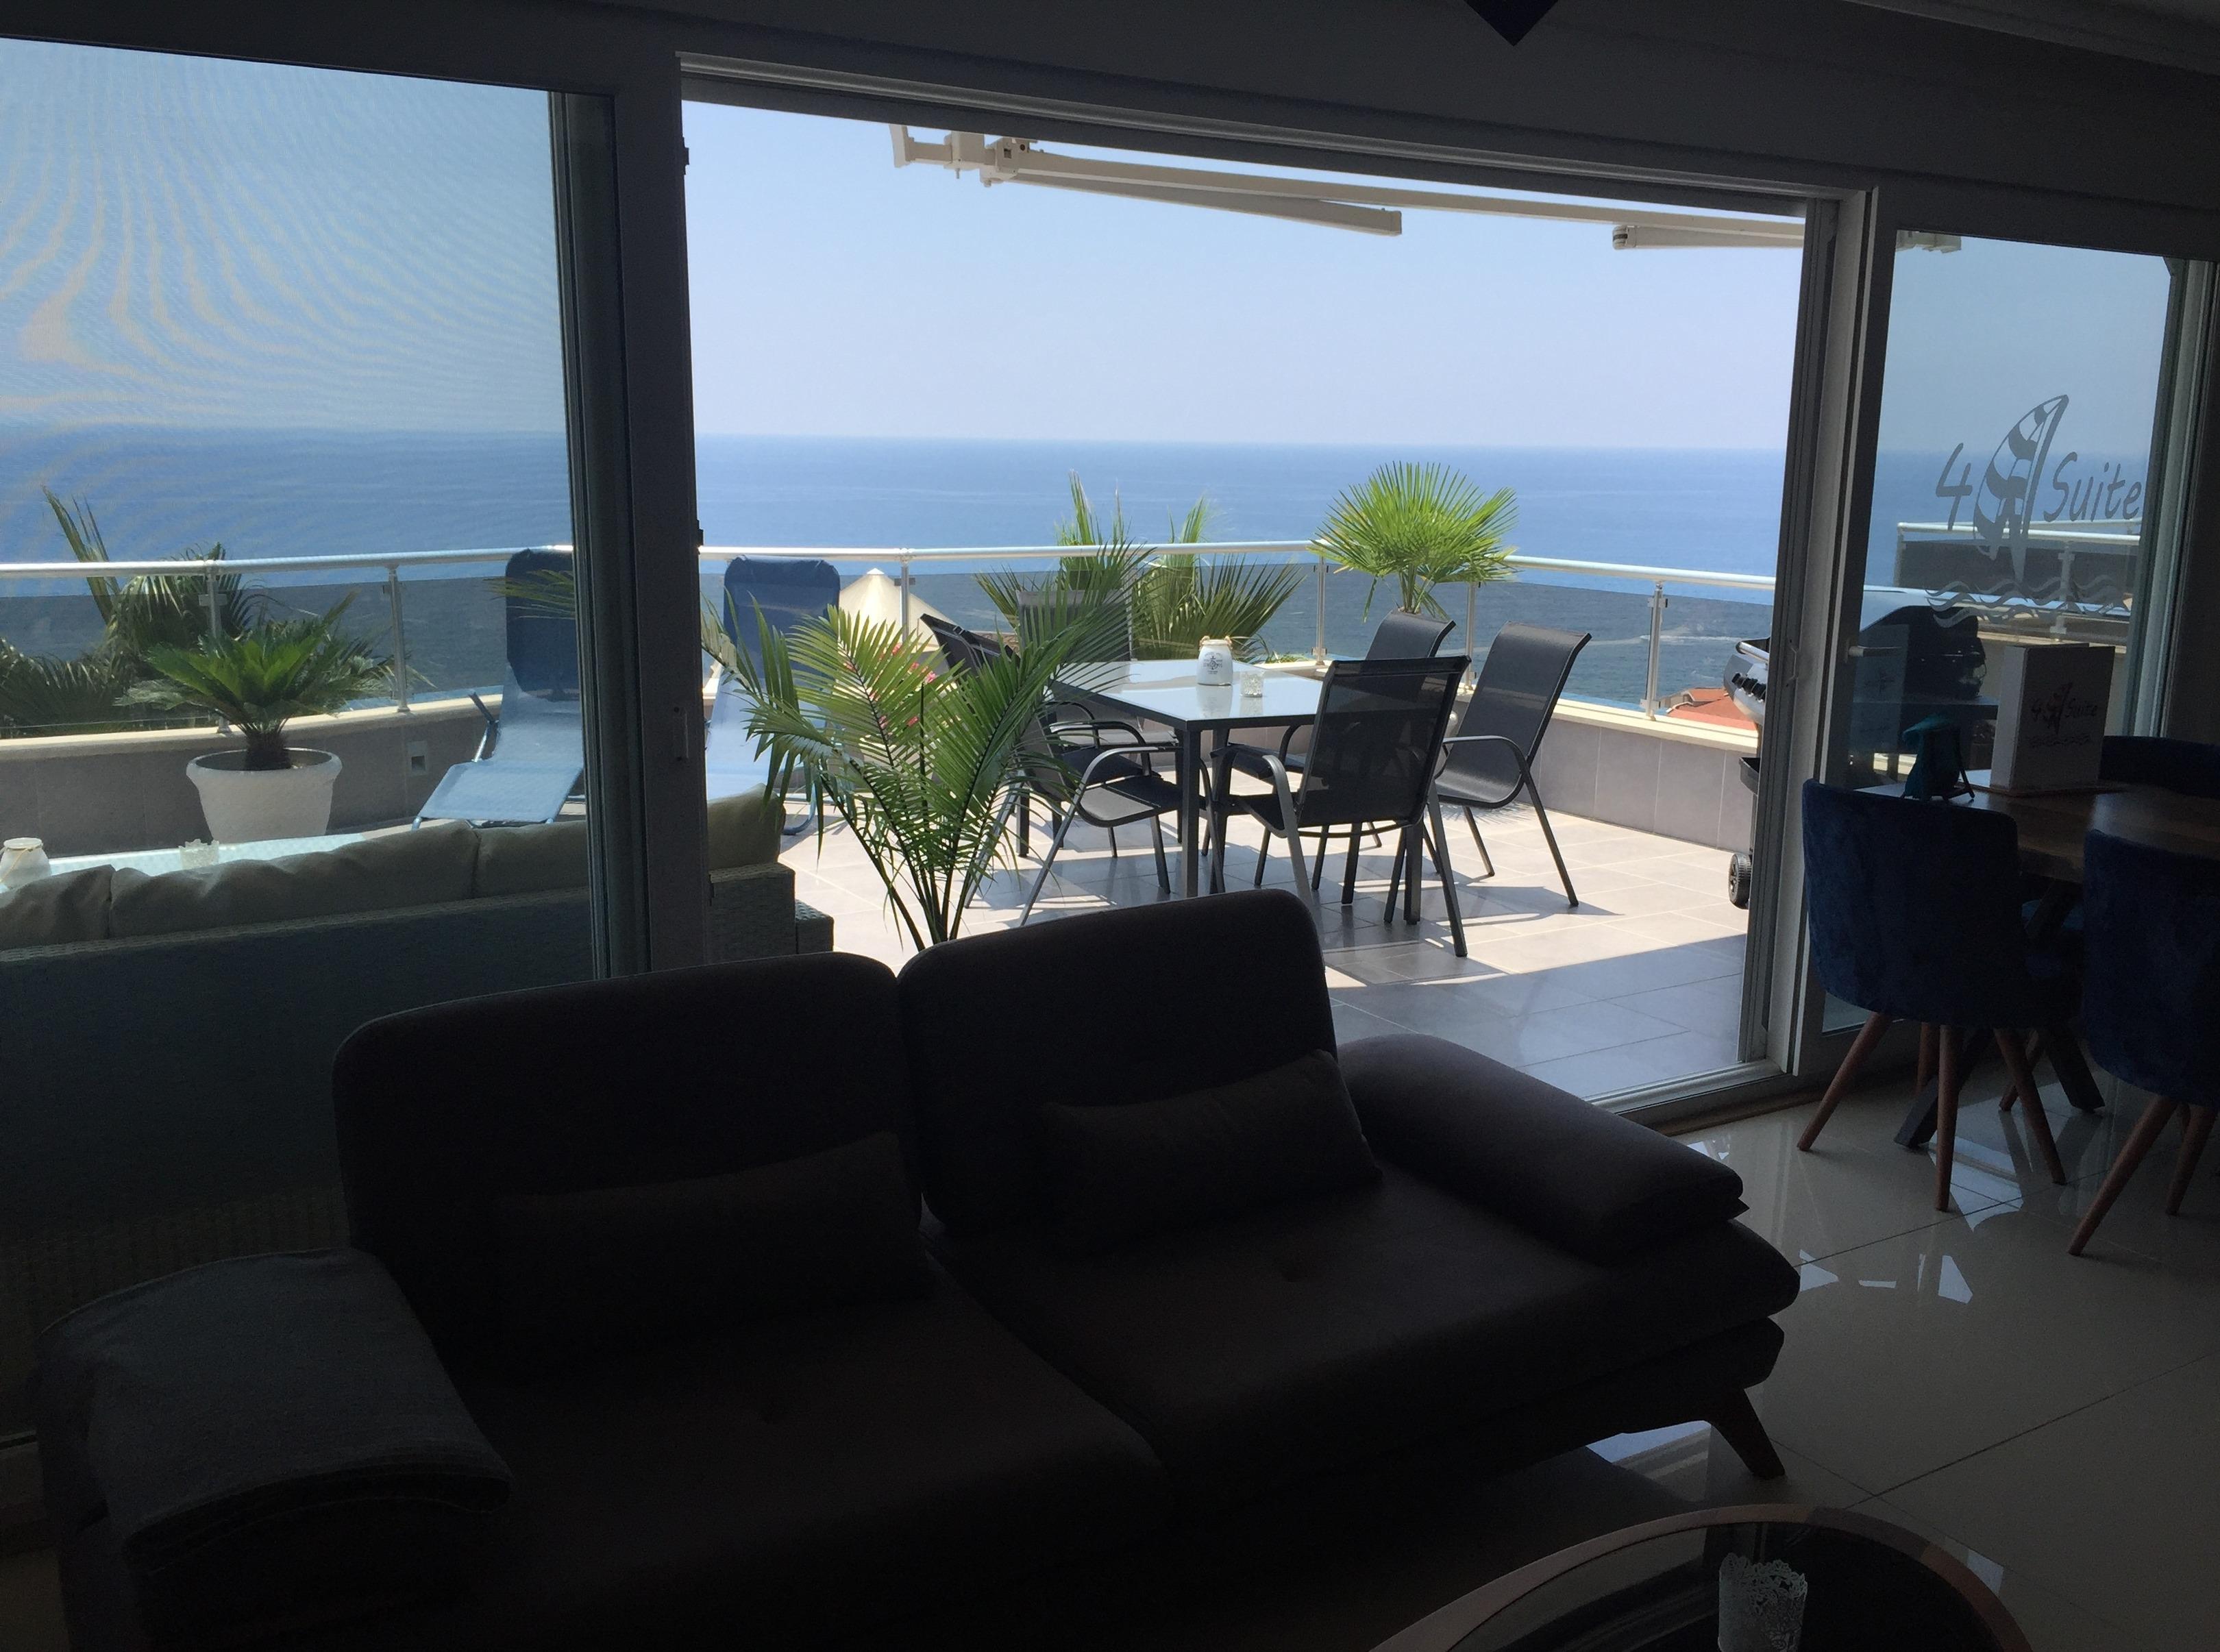 Ferienwohnung 4 N Suite (2704940), Konaklı, , Mittelmeerregion, Türkei, Bild 4